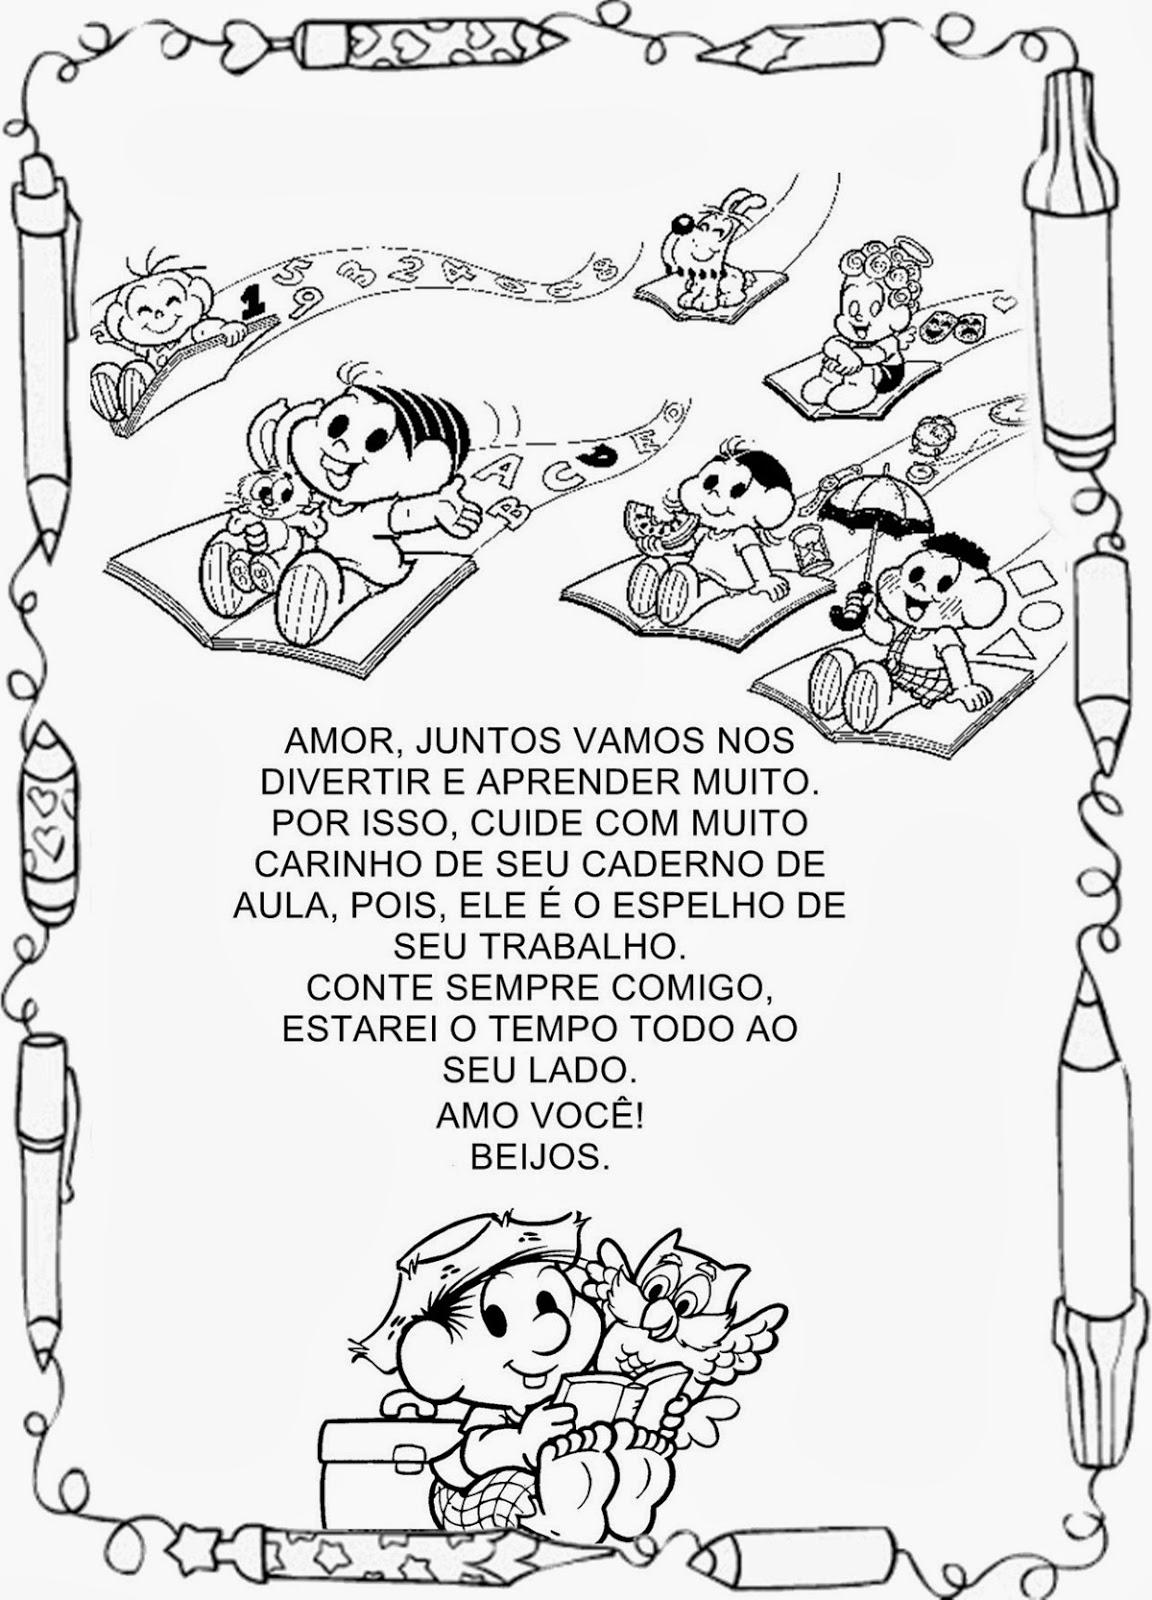 Excepcional Pequenos Grandes Pensantes.: Capas de Caderno para Educação Infantil TR24